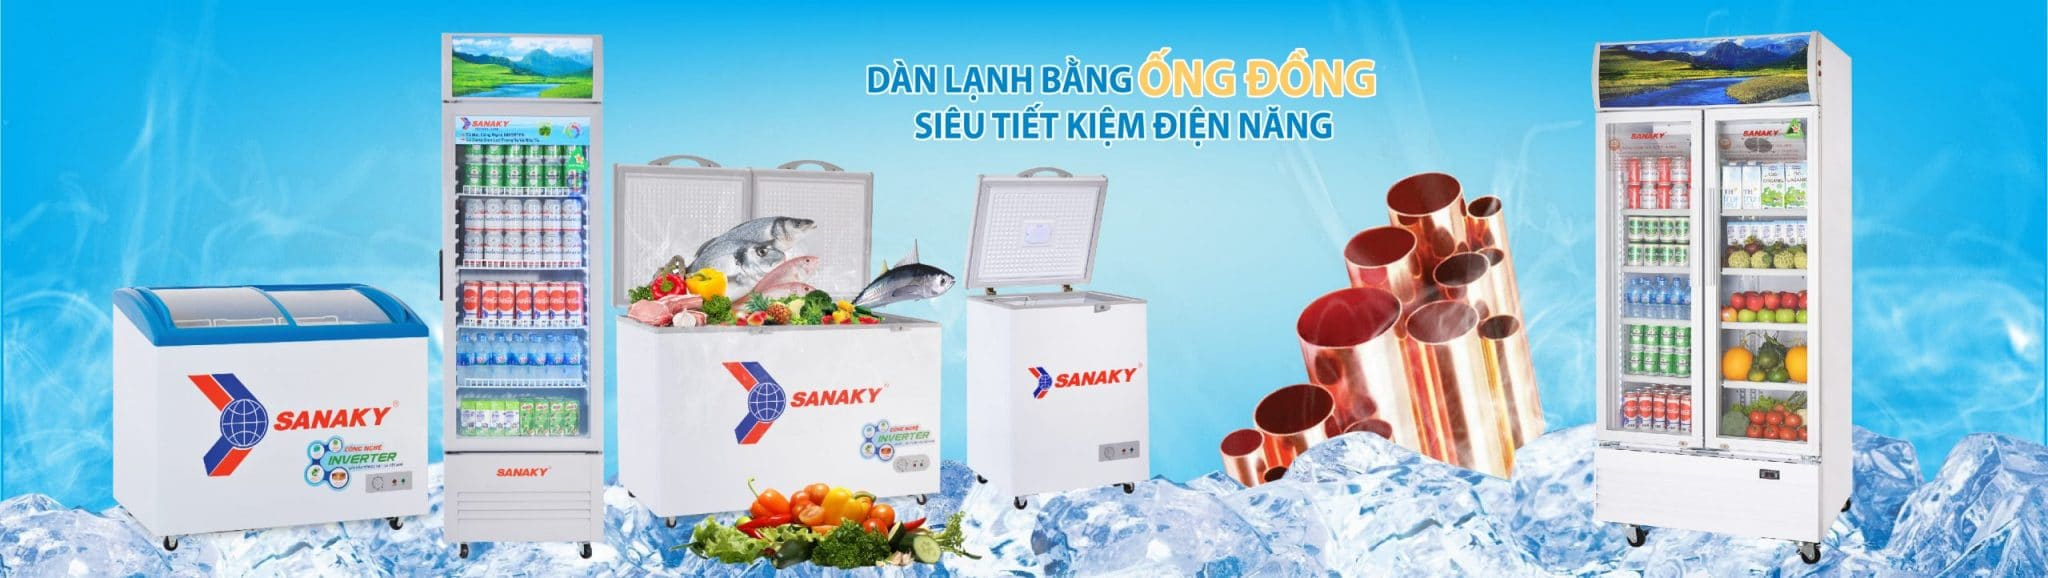 Tủ đông Sanaky - Sanaky Bình Dương